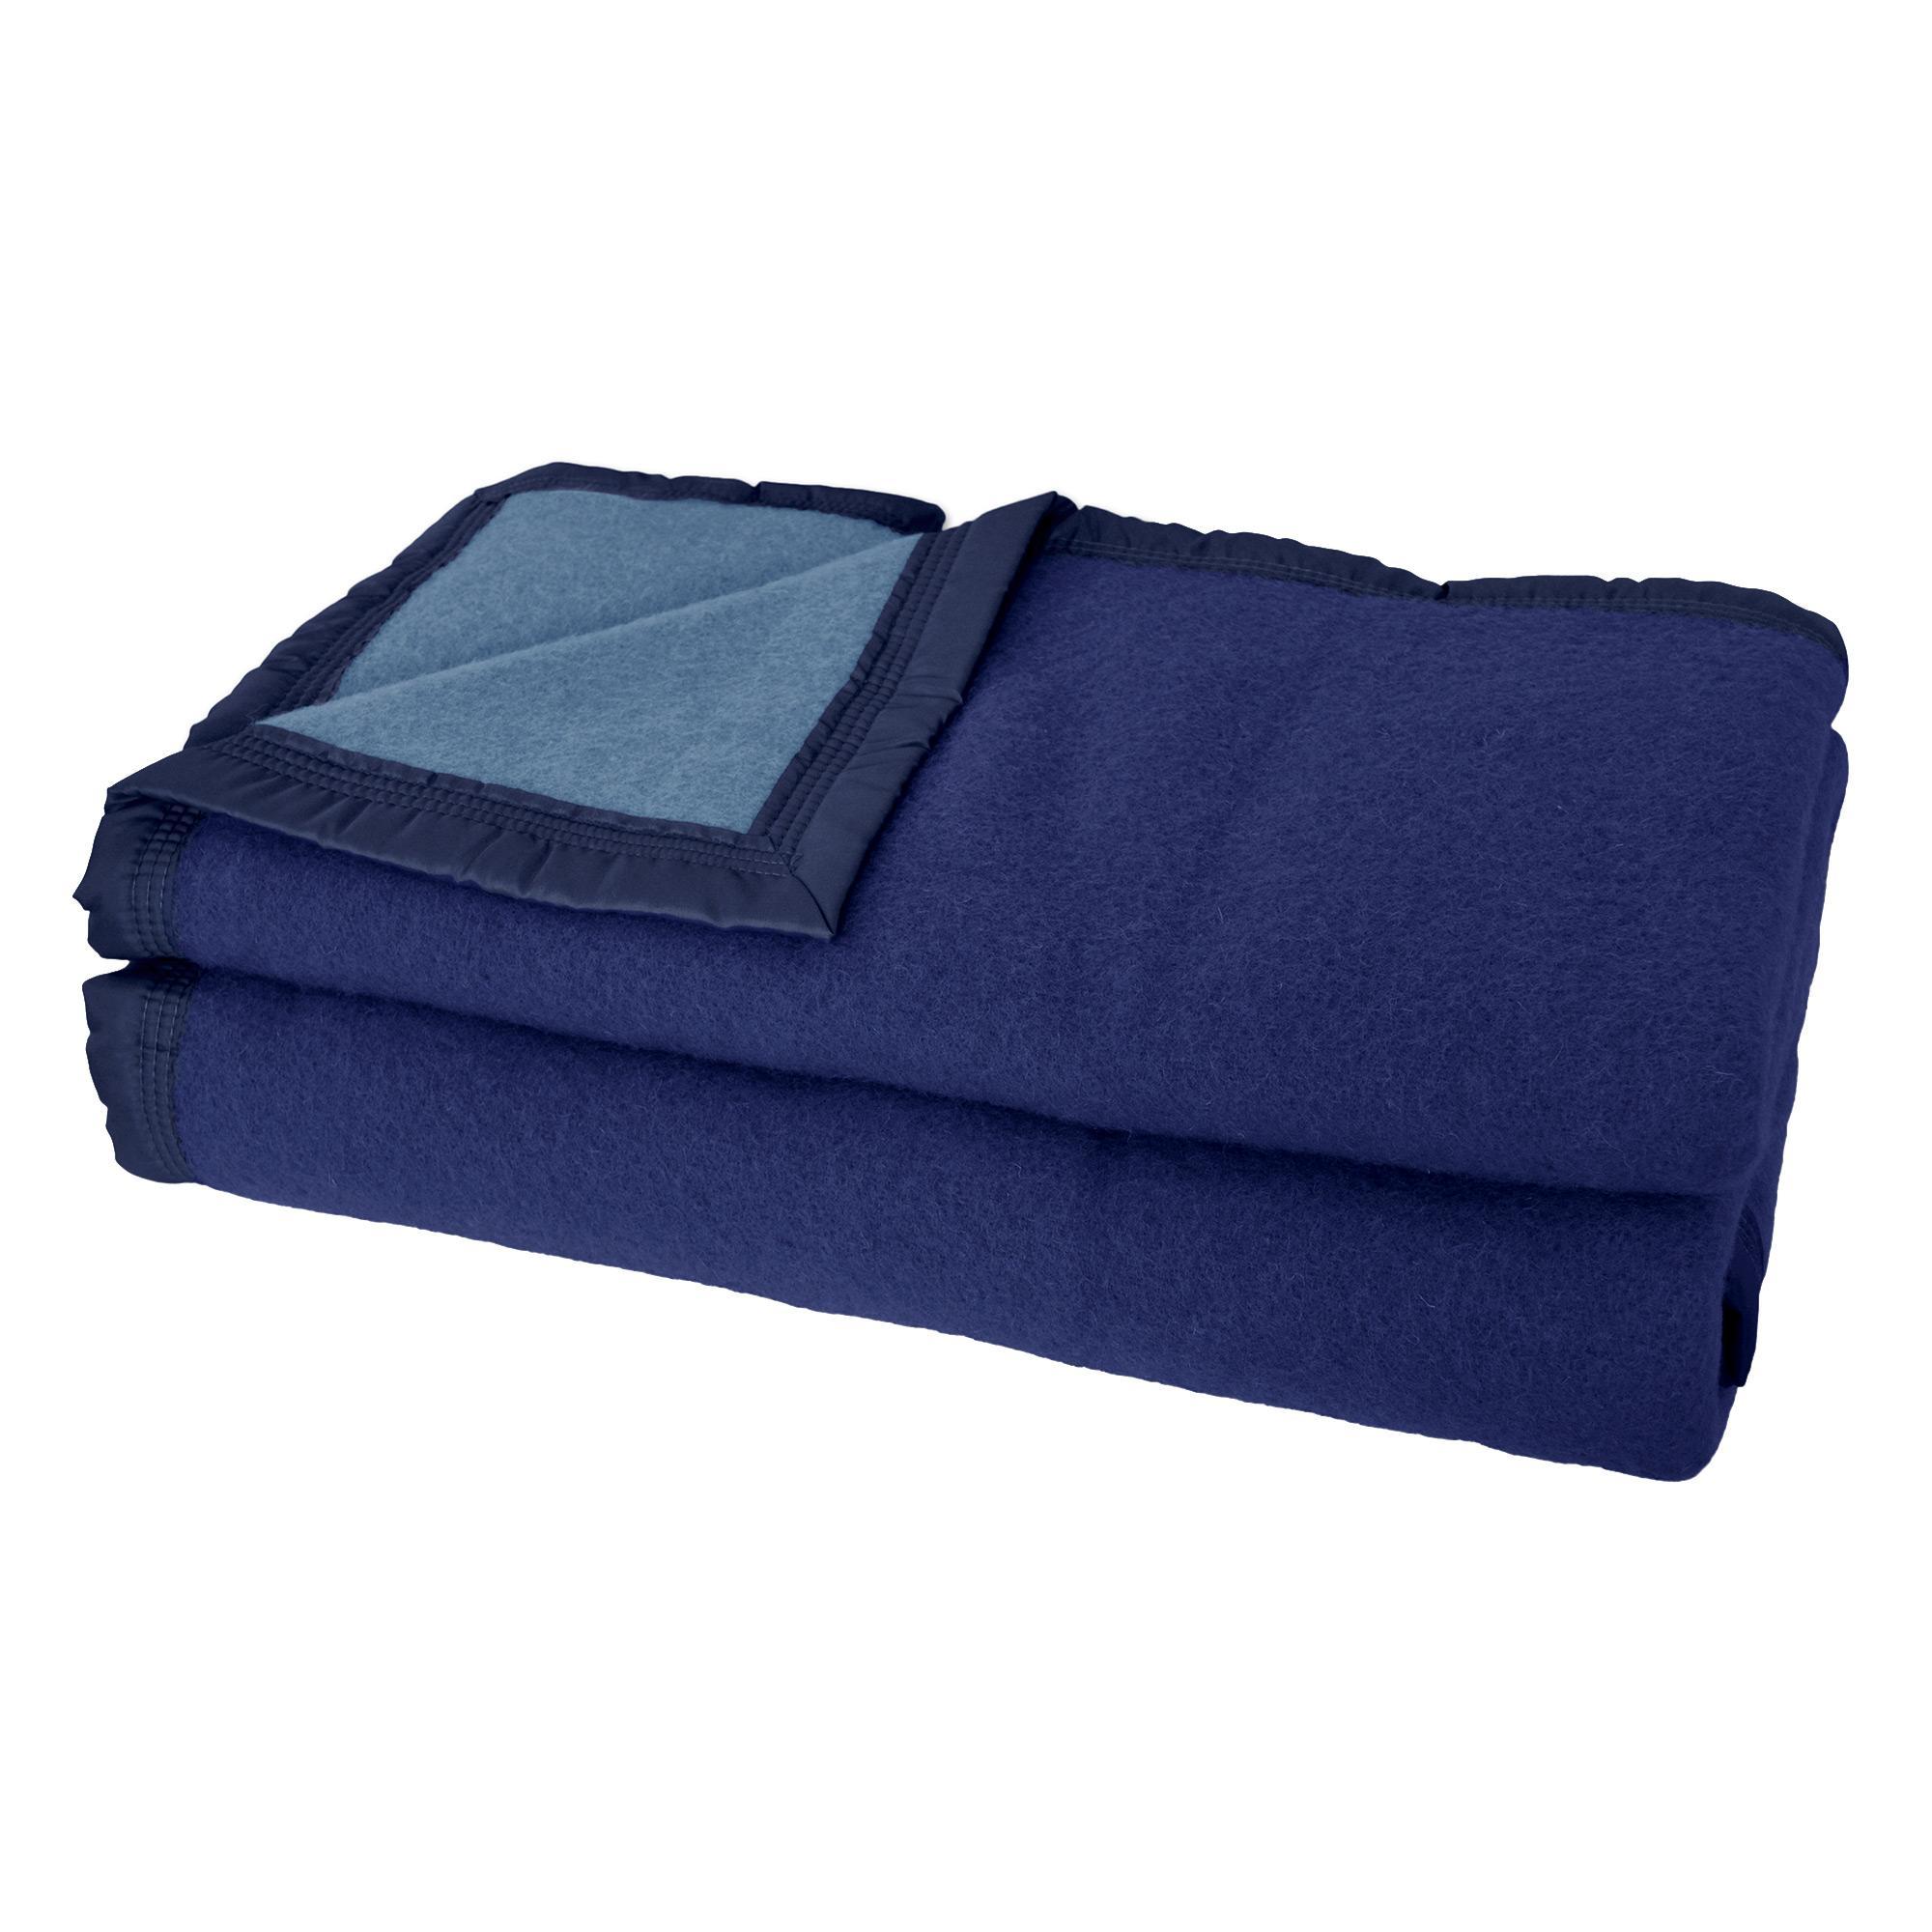 couverture pure laine vierge woolmark 500g m volta 220x240 cm bleu marine myosotis linnea. Black Bedroom Furniture Sets. Home Design Ideas